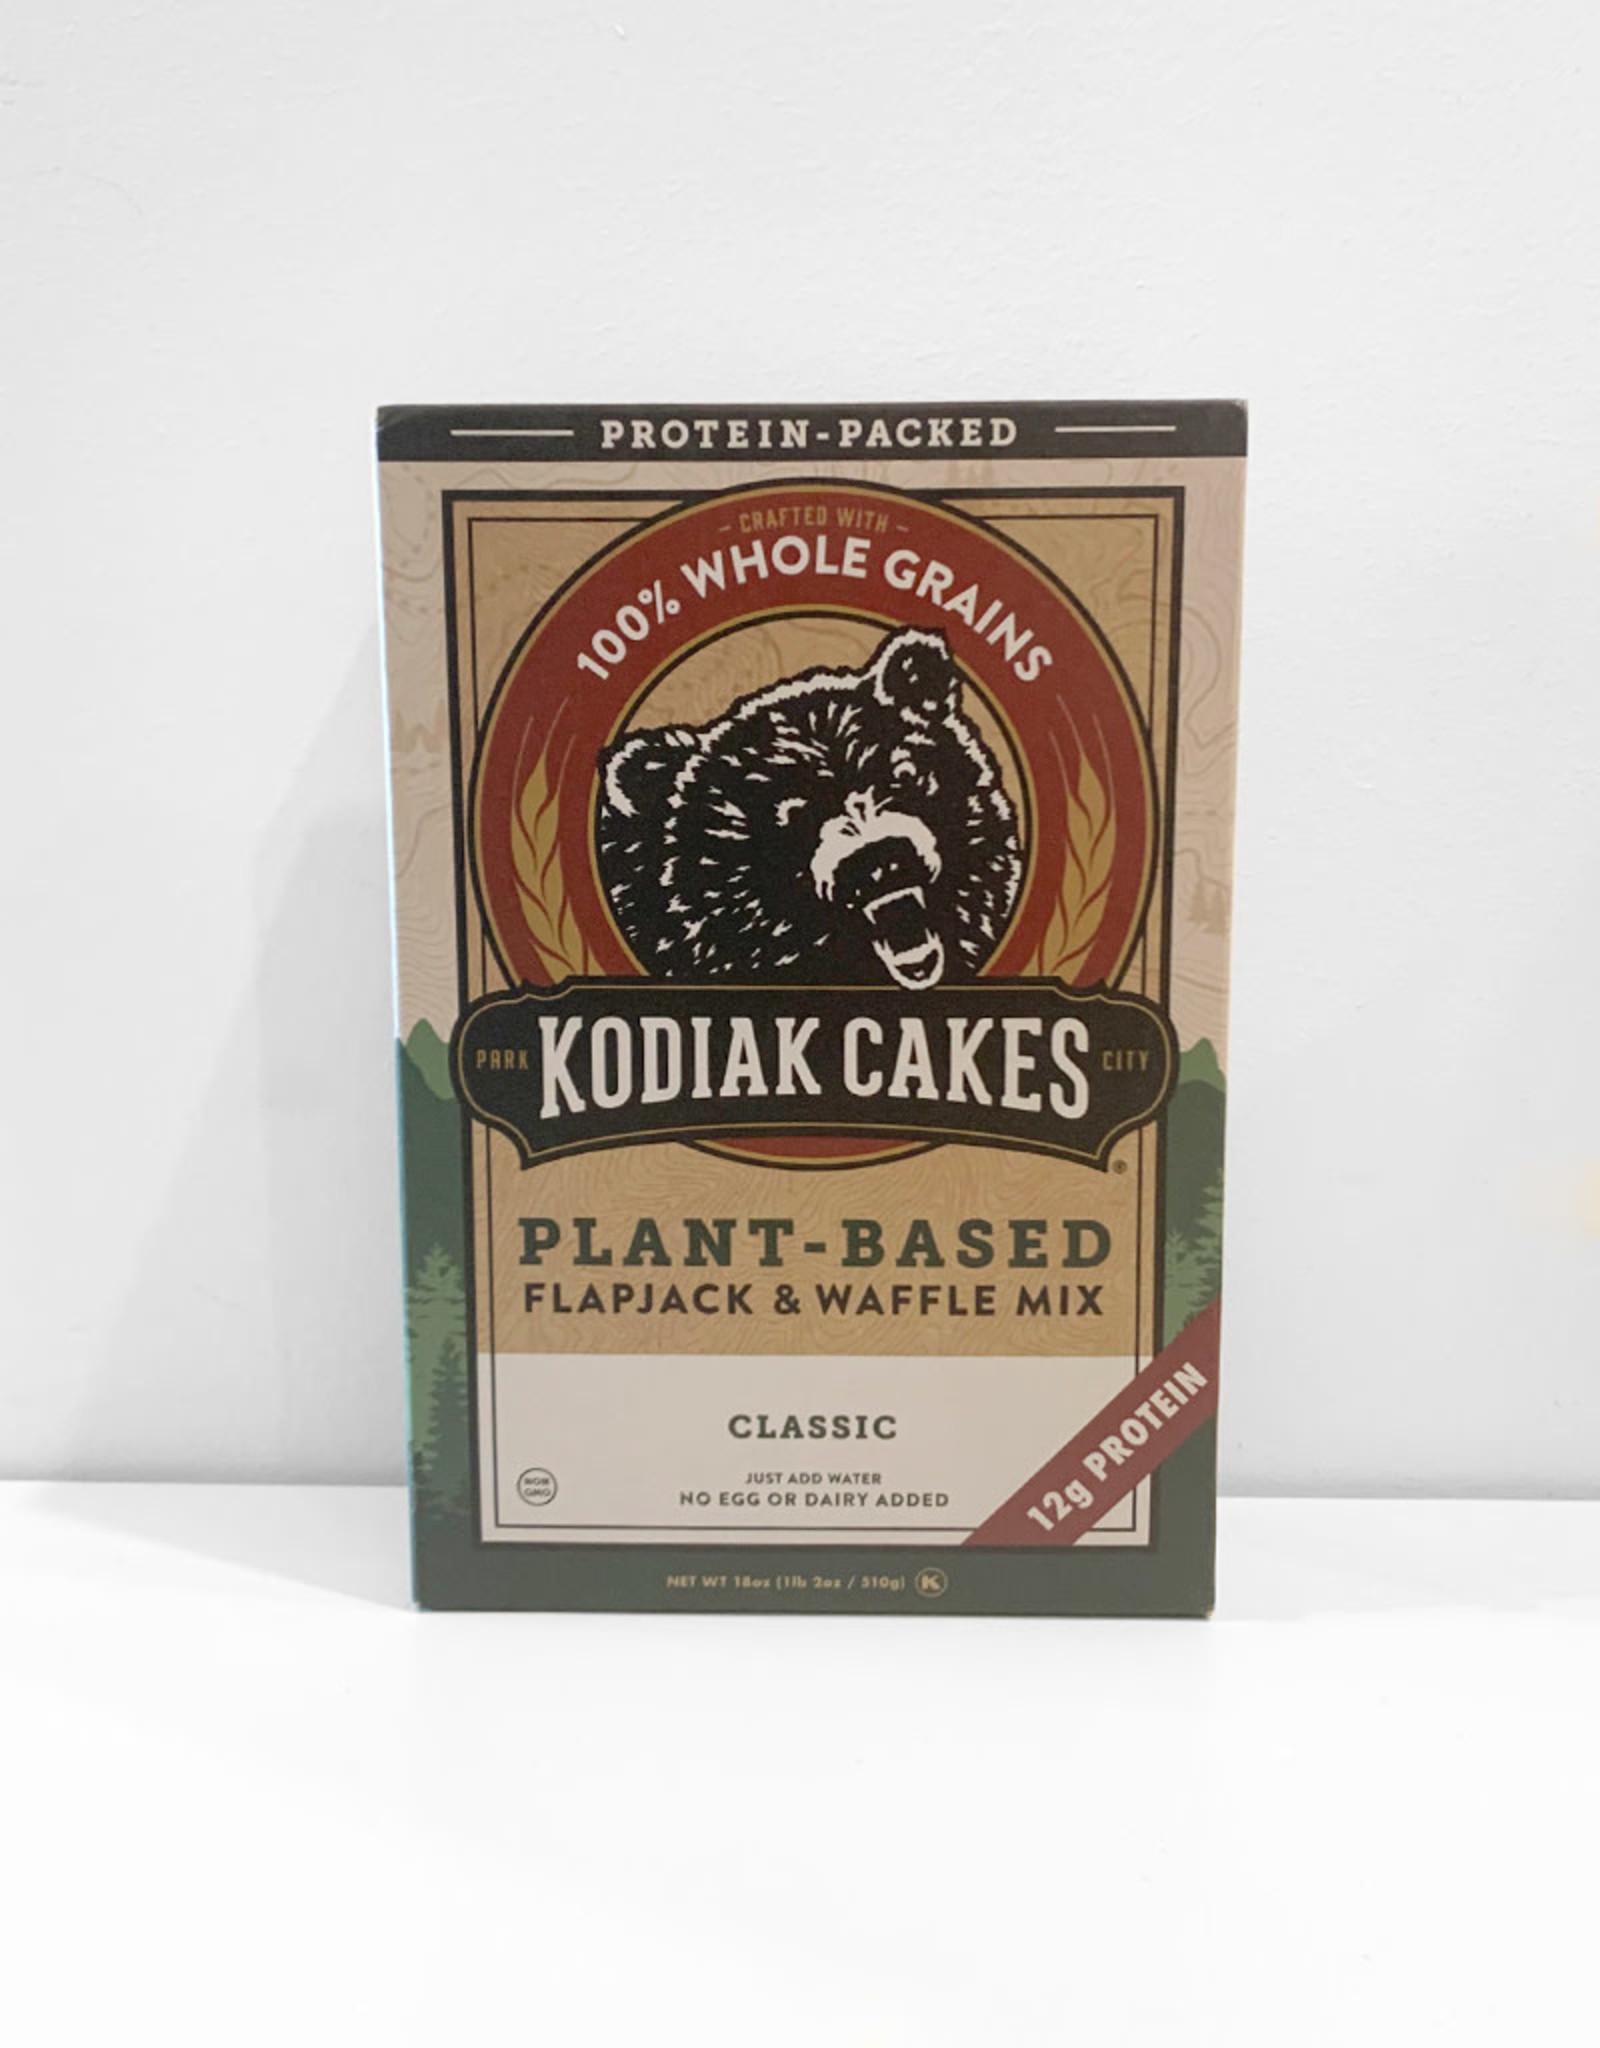 Kodiak Cakes Kodiak Cakes - Flapjack & Waffle Mix, Plant Based, Classic